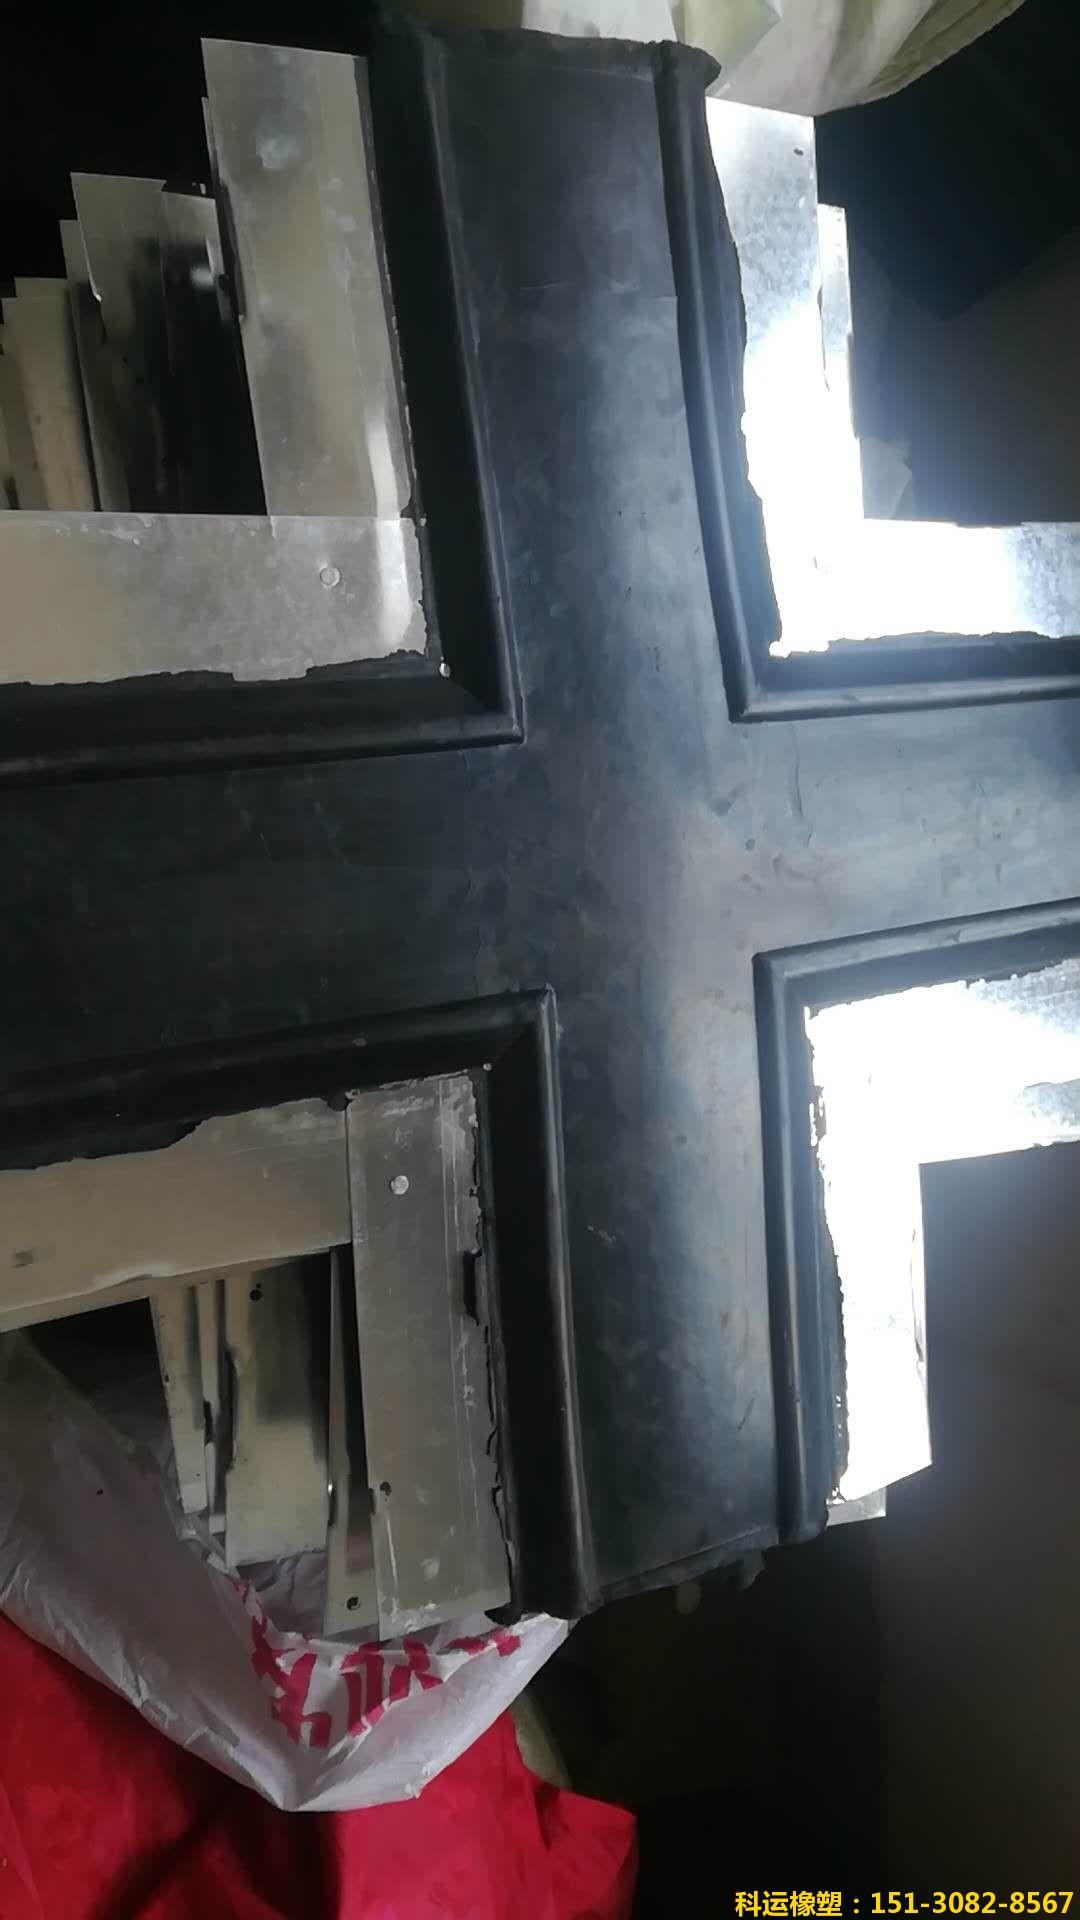 橡胶止水带接头(十字,丁字,立丁)7